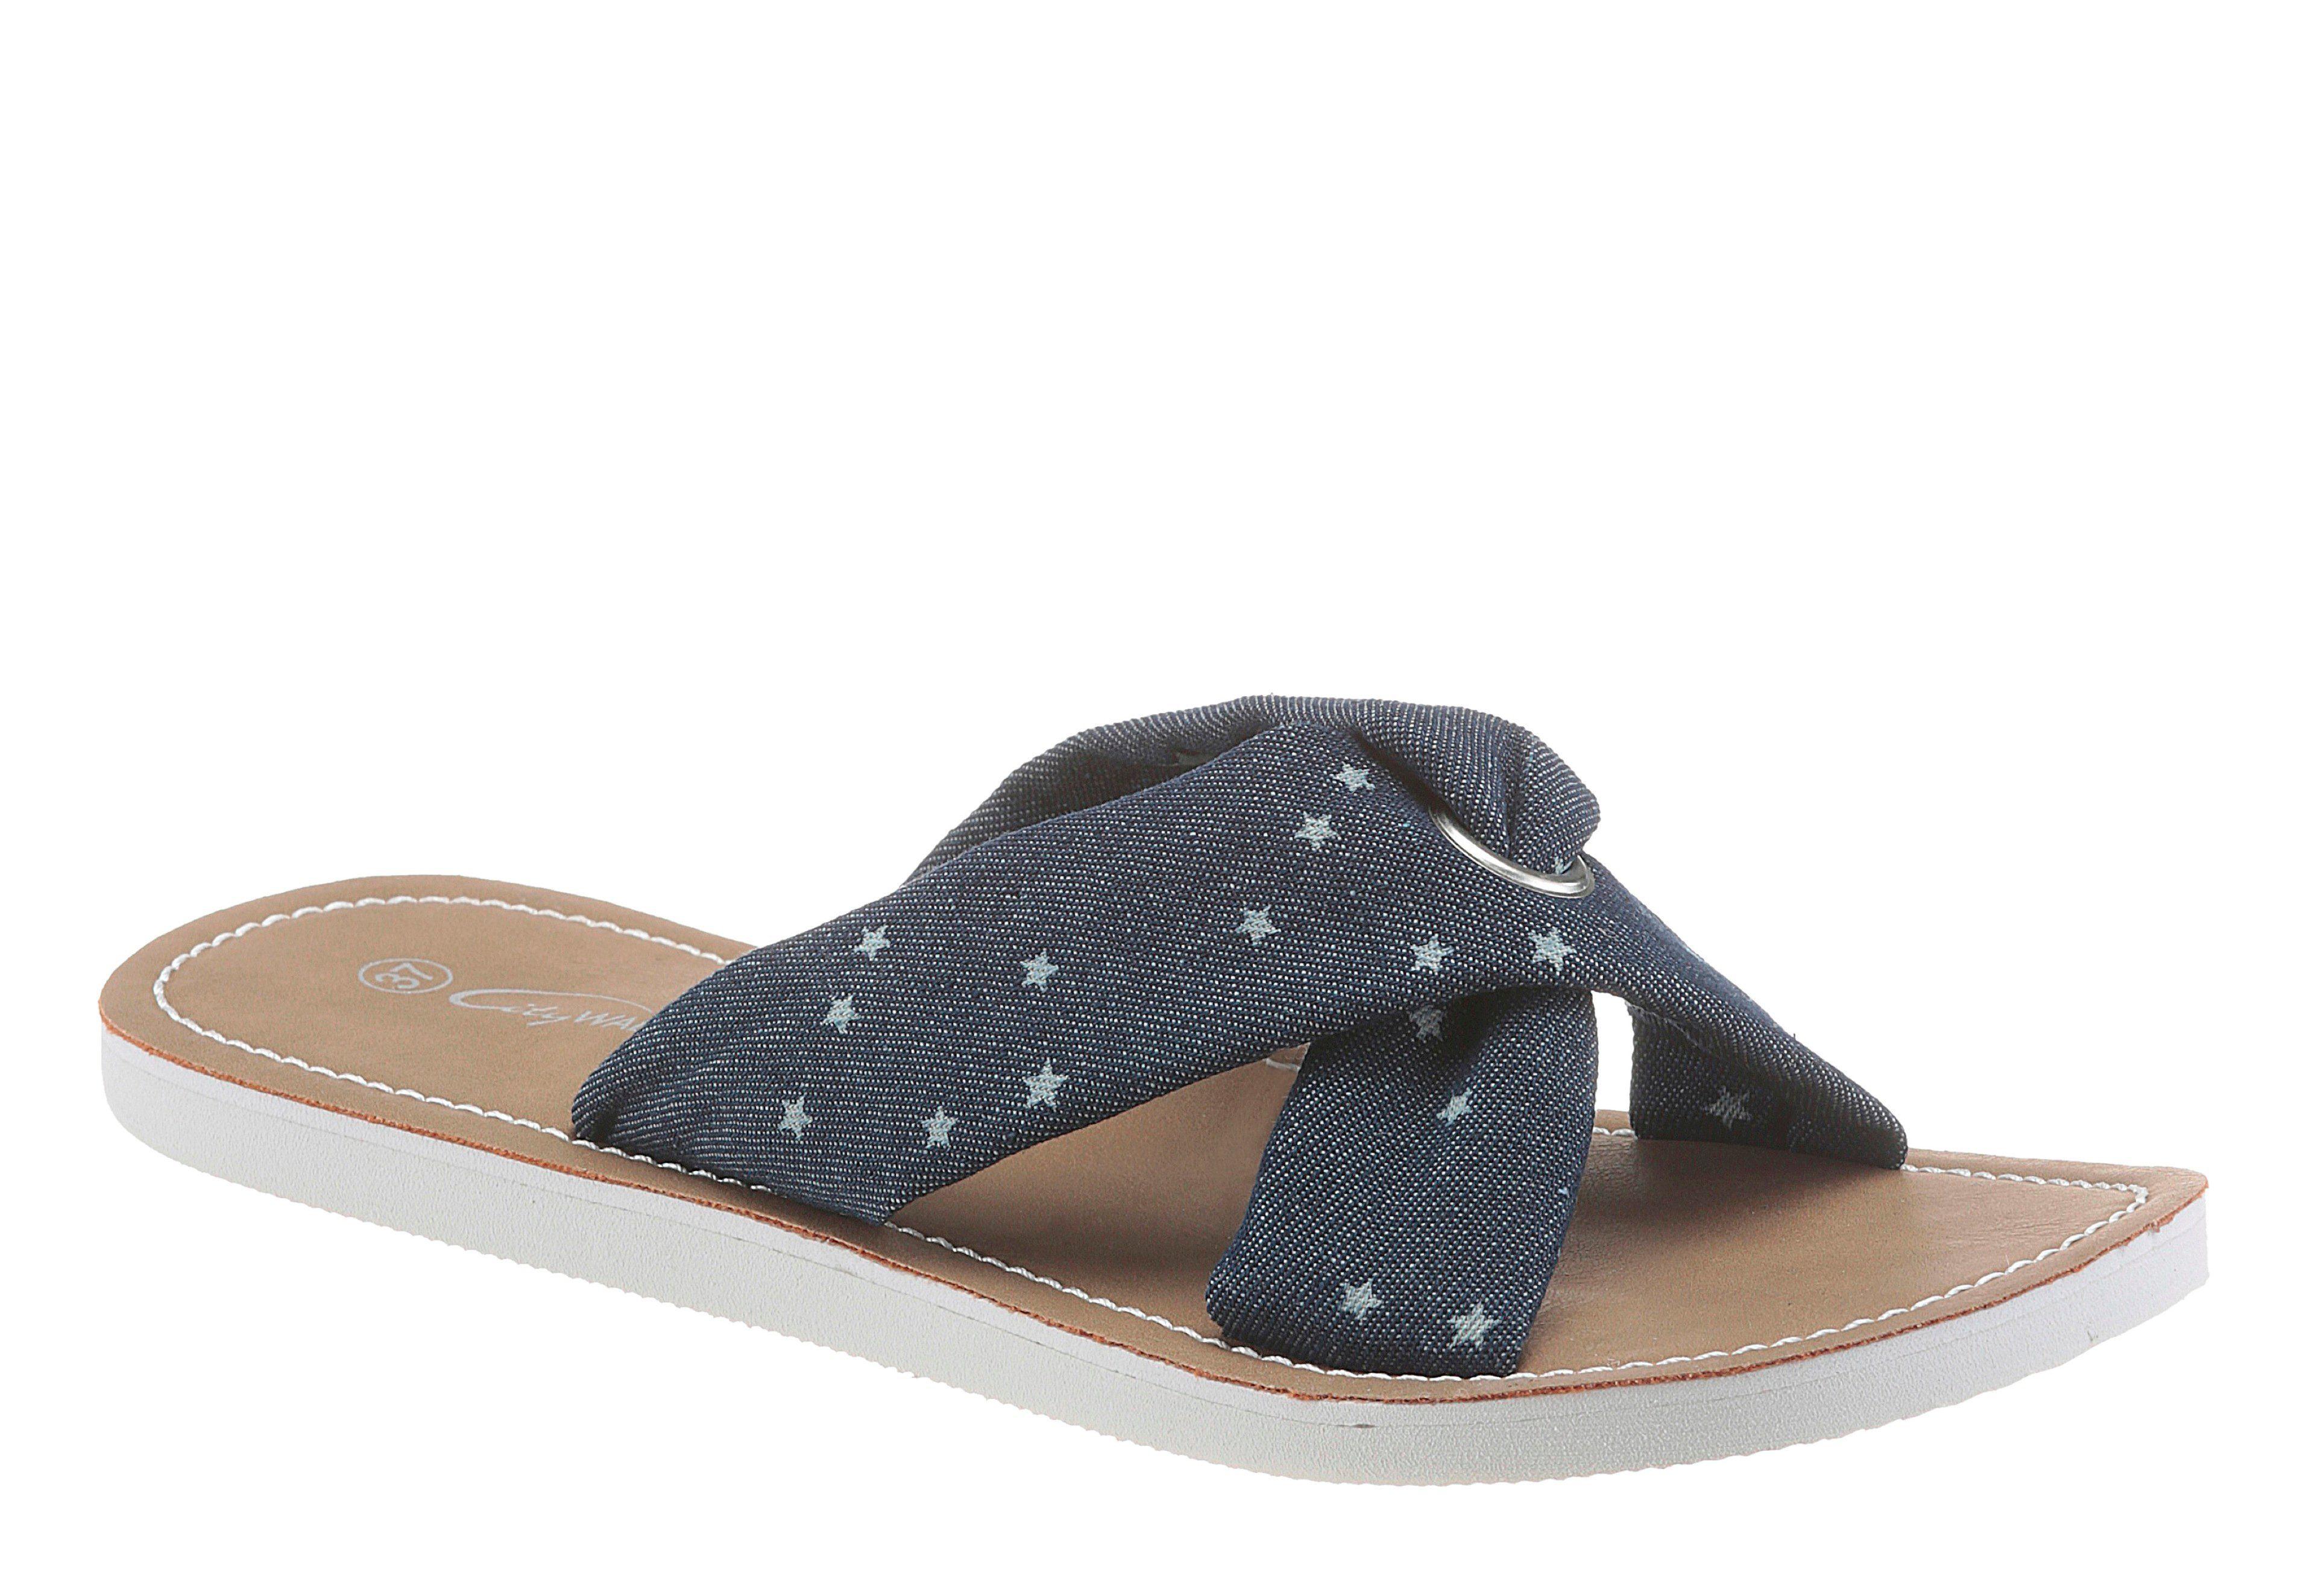 Rieker Pantolette, mit Schmuckelement, blau, EURO-Größen, dunkelblau